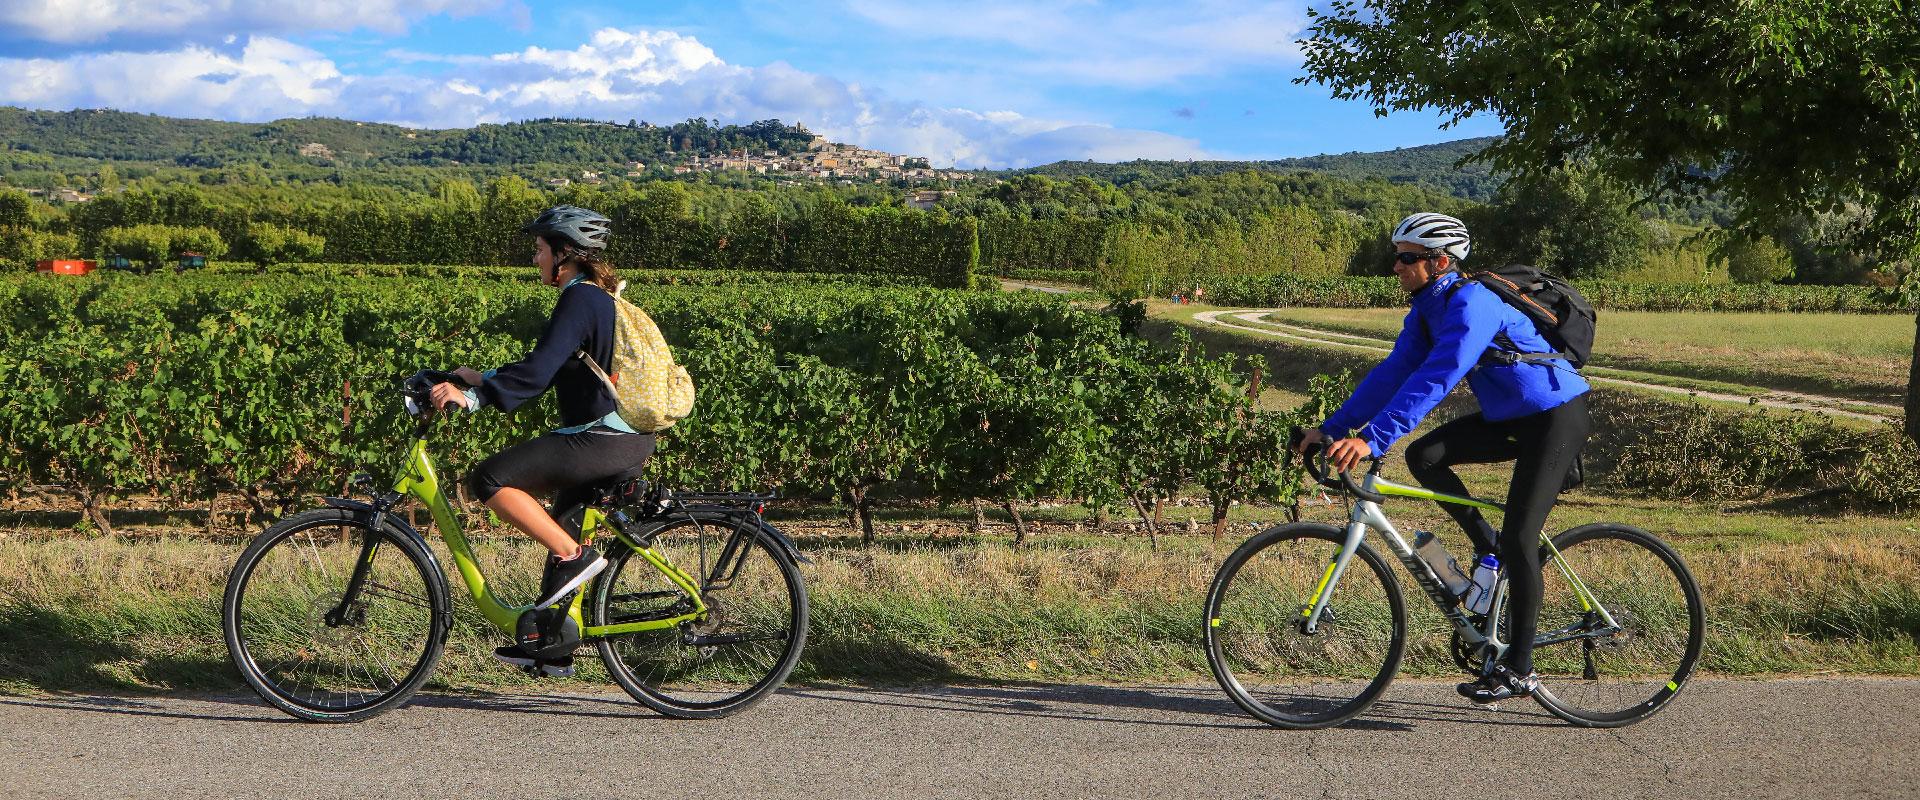 Couple à vélo route vigne village provençal